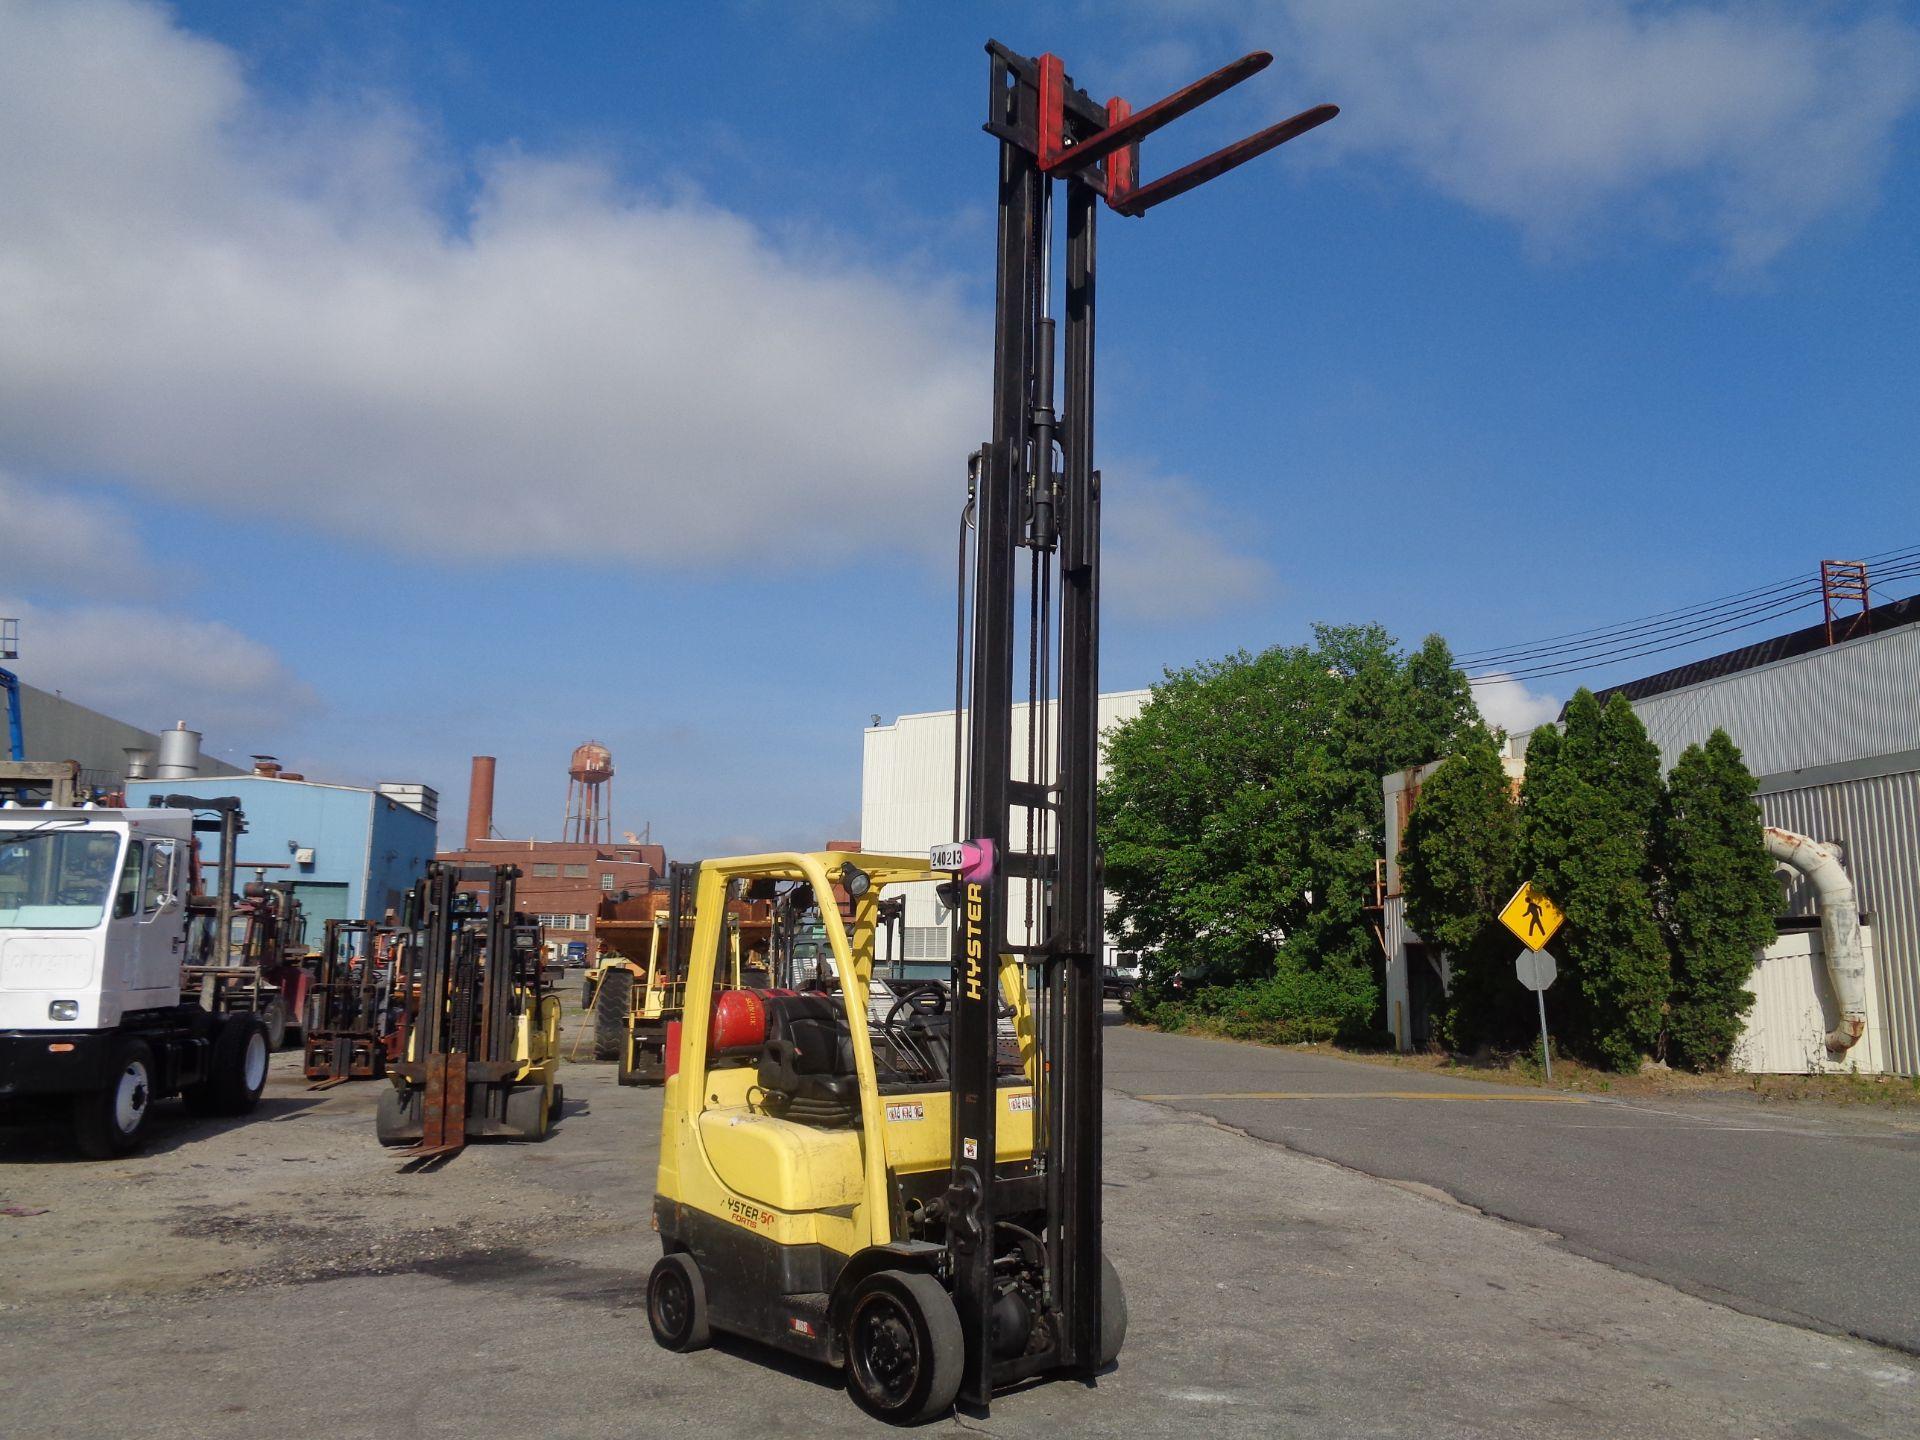 2015 Hyster S50FT 5,000 lb Forklift - Image 14 of 17